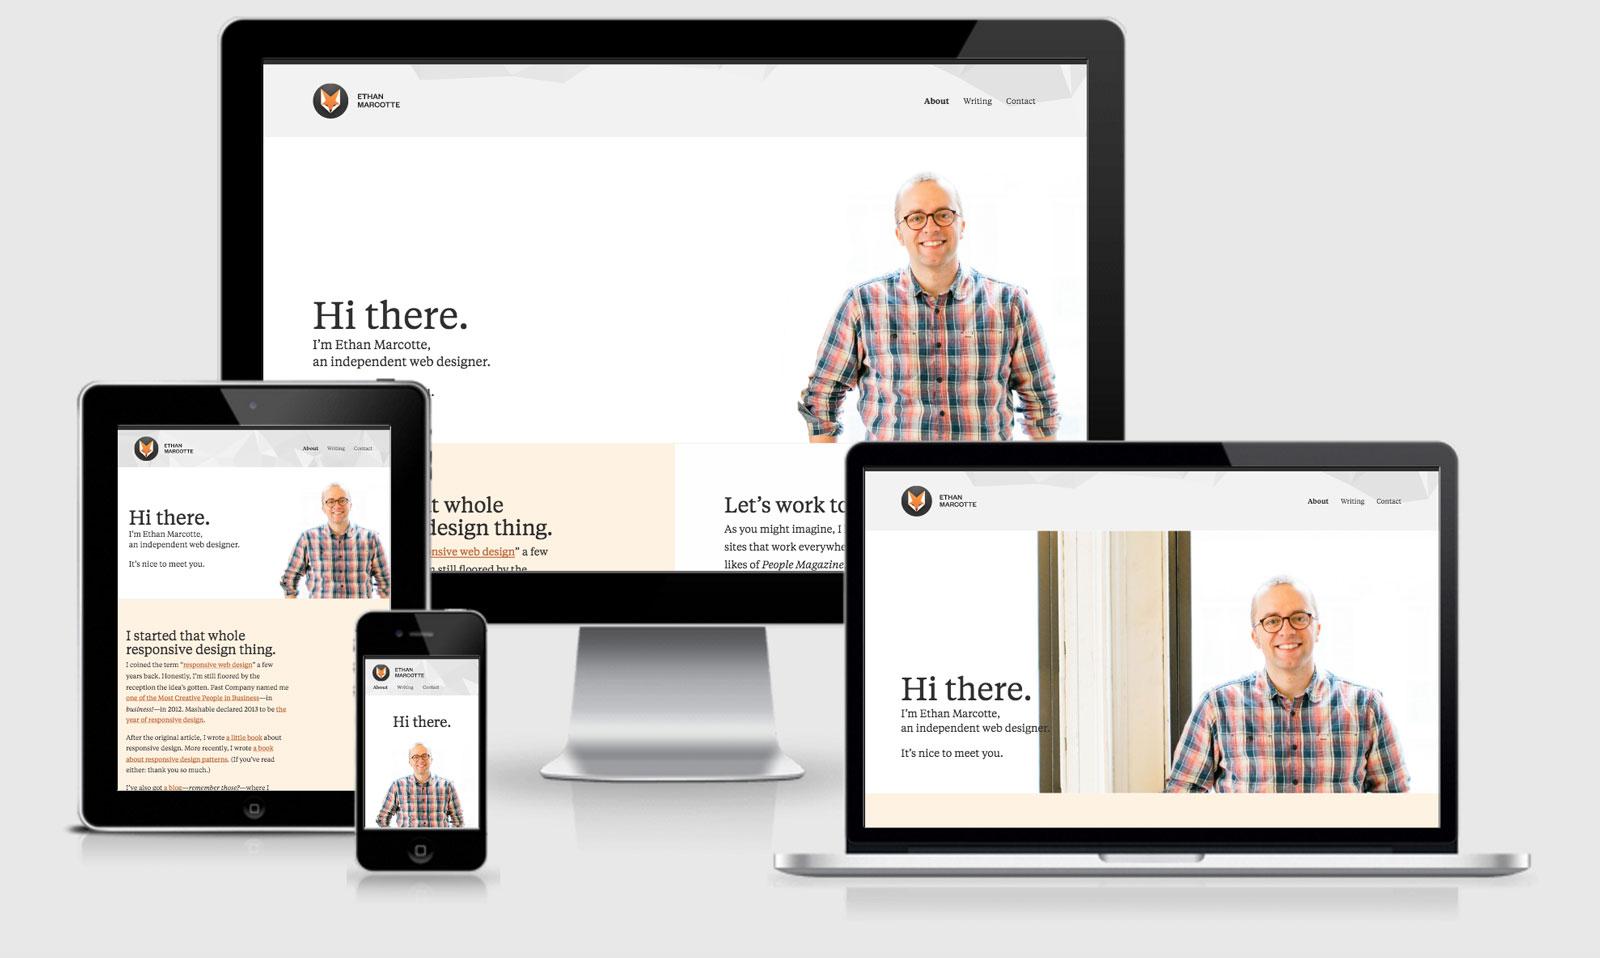 Γιατί το responsive web design είναι σήμερα απαραίτητο